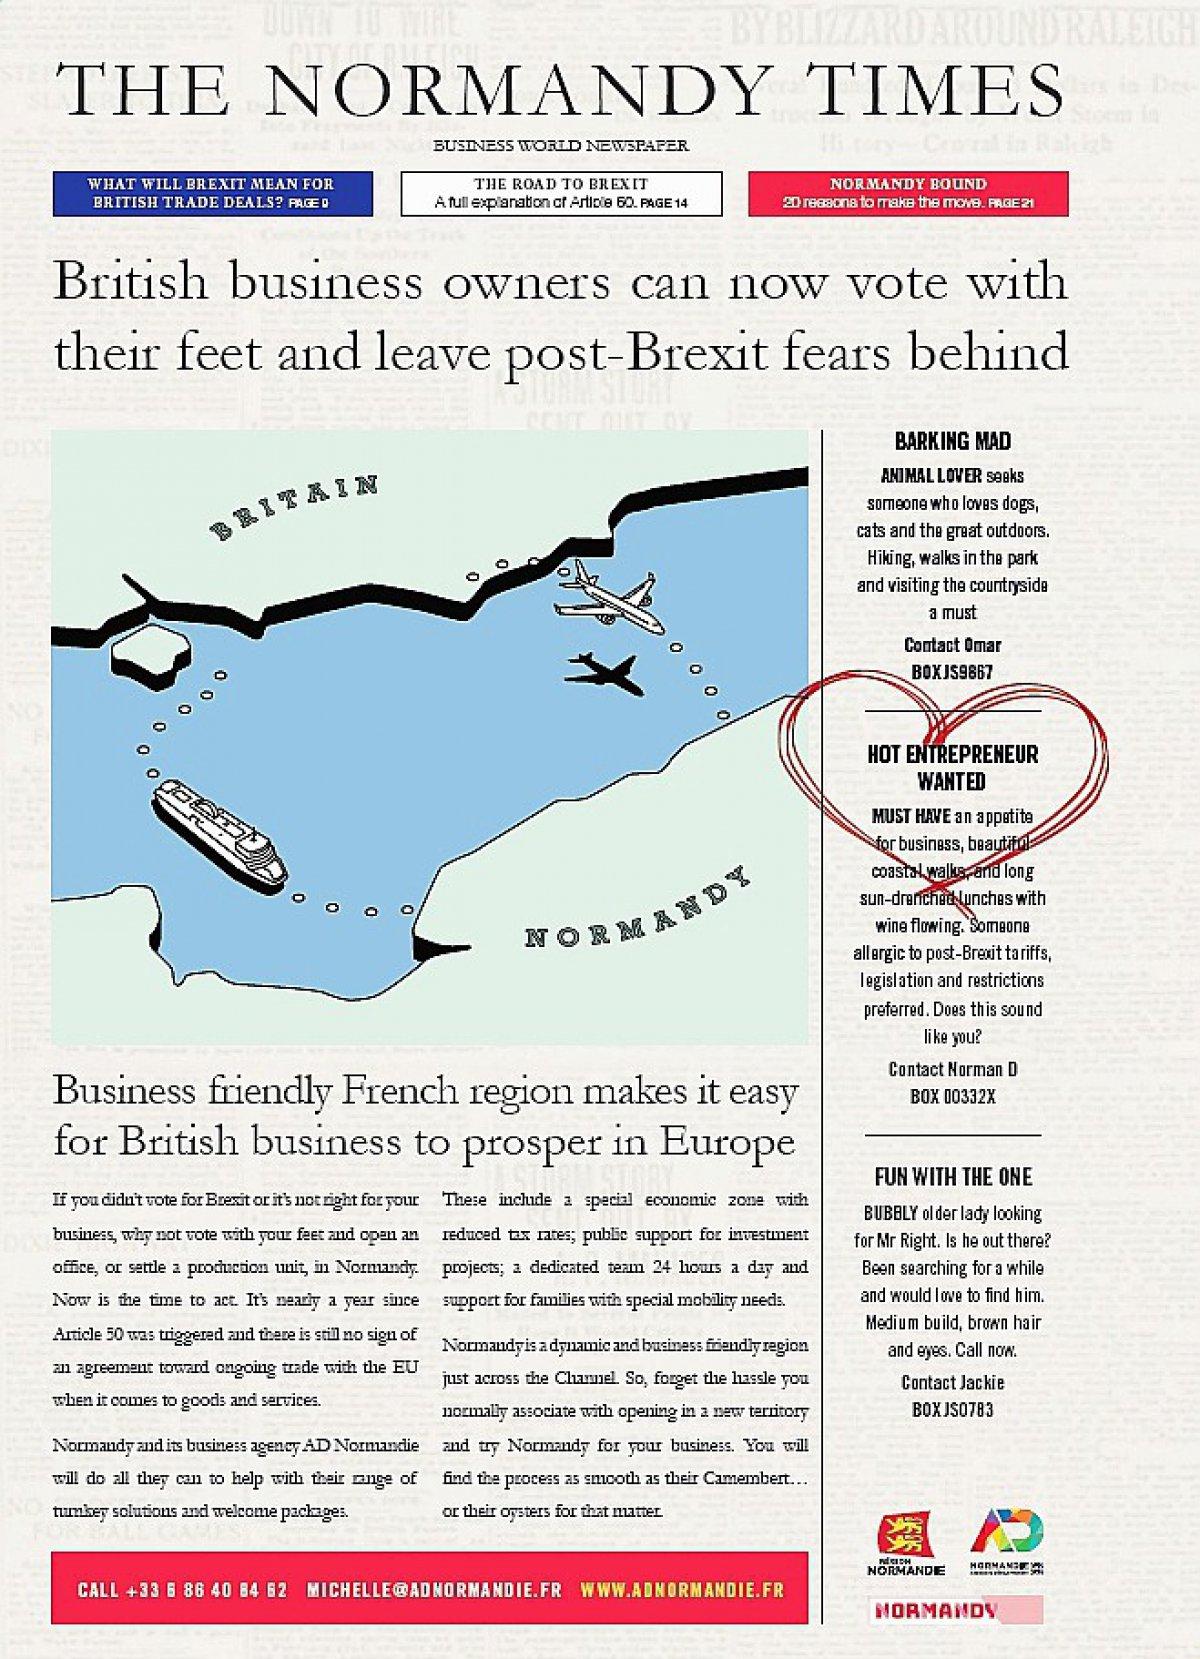 Hot entrepreneur wanted la campagne post brexit de la - Comment deposer une main courante ...